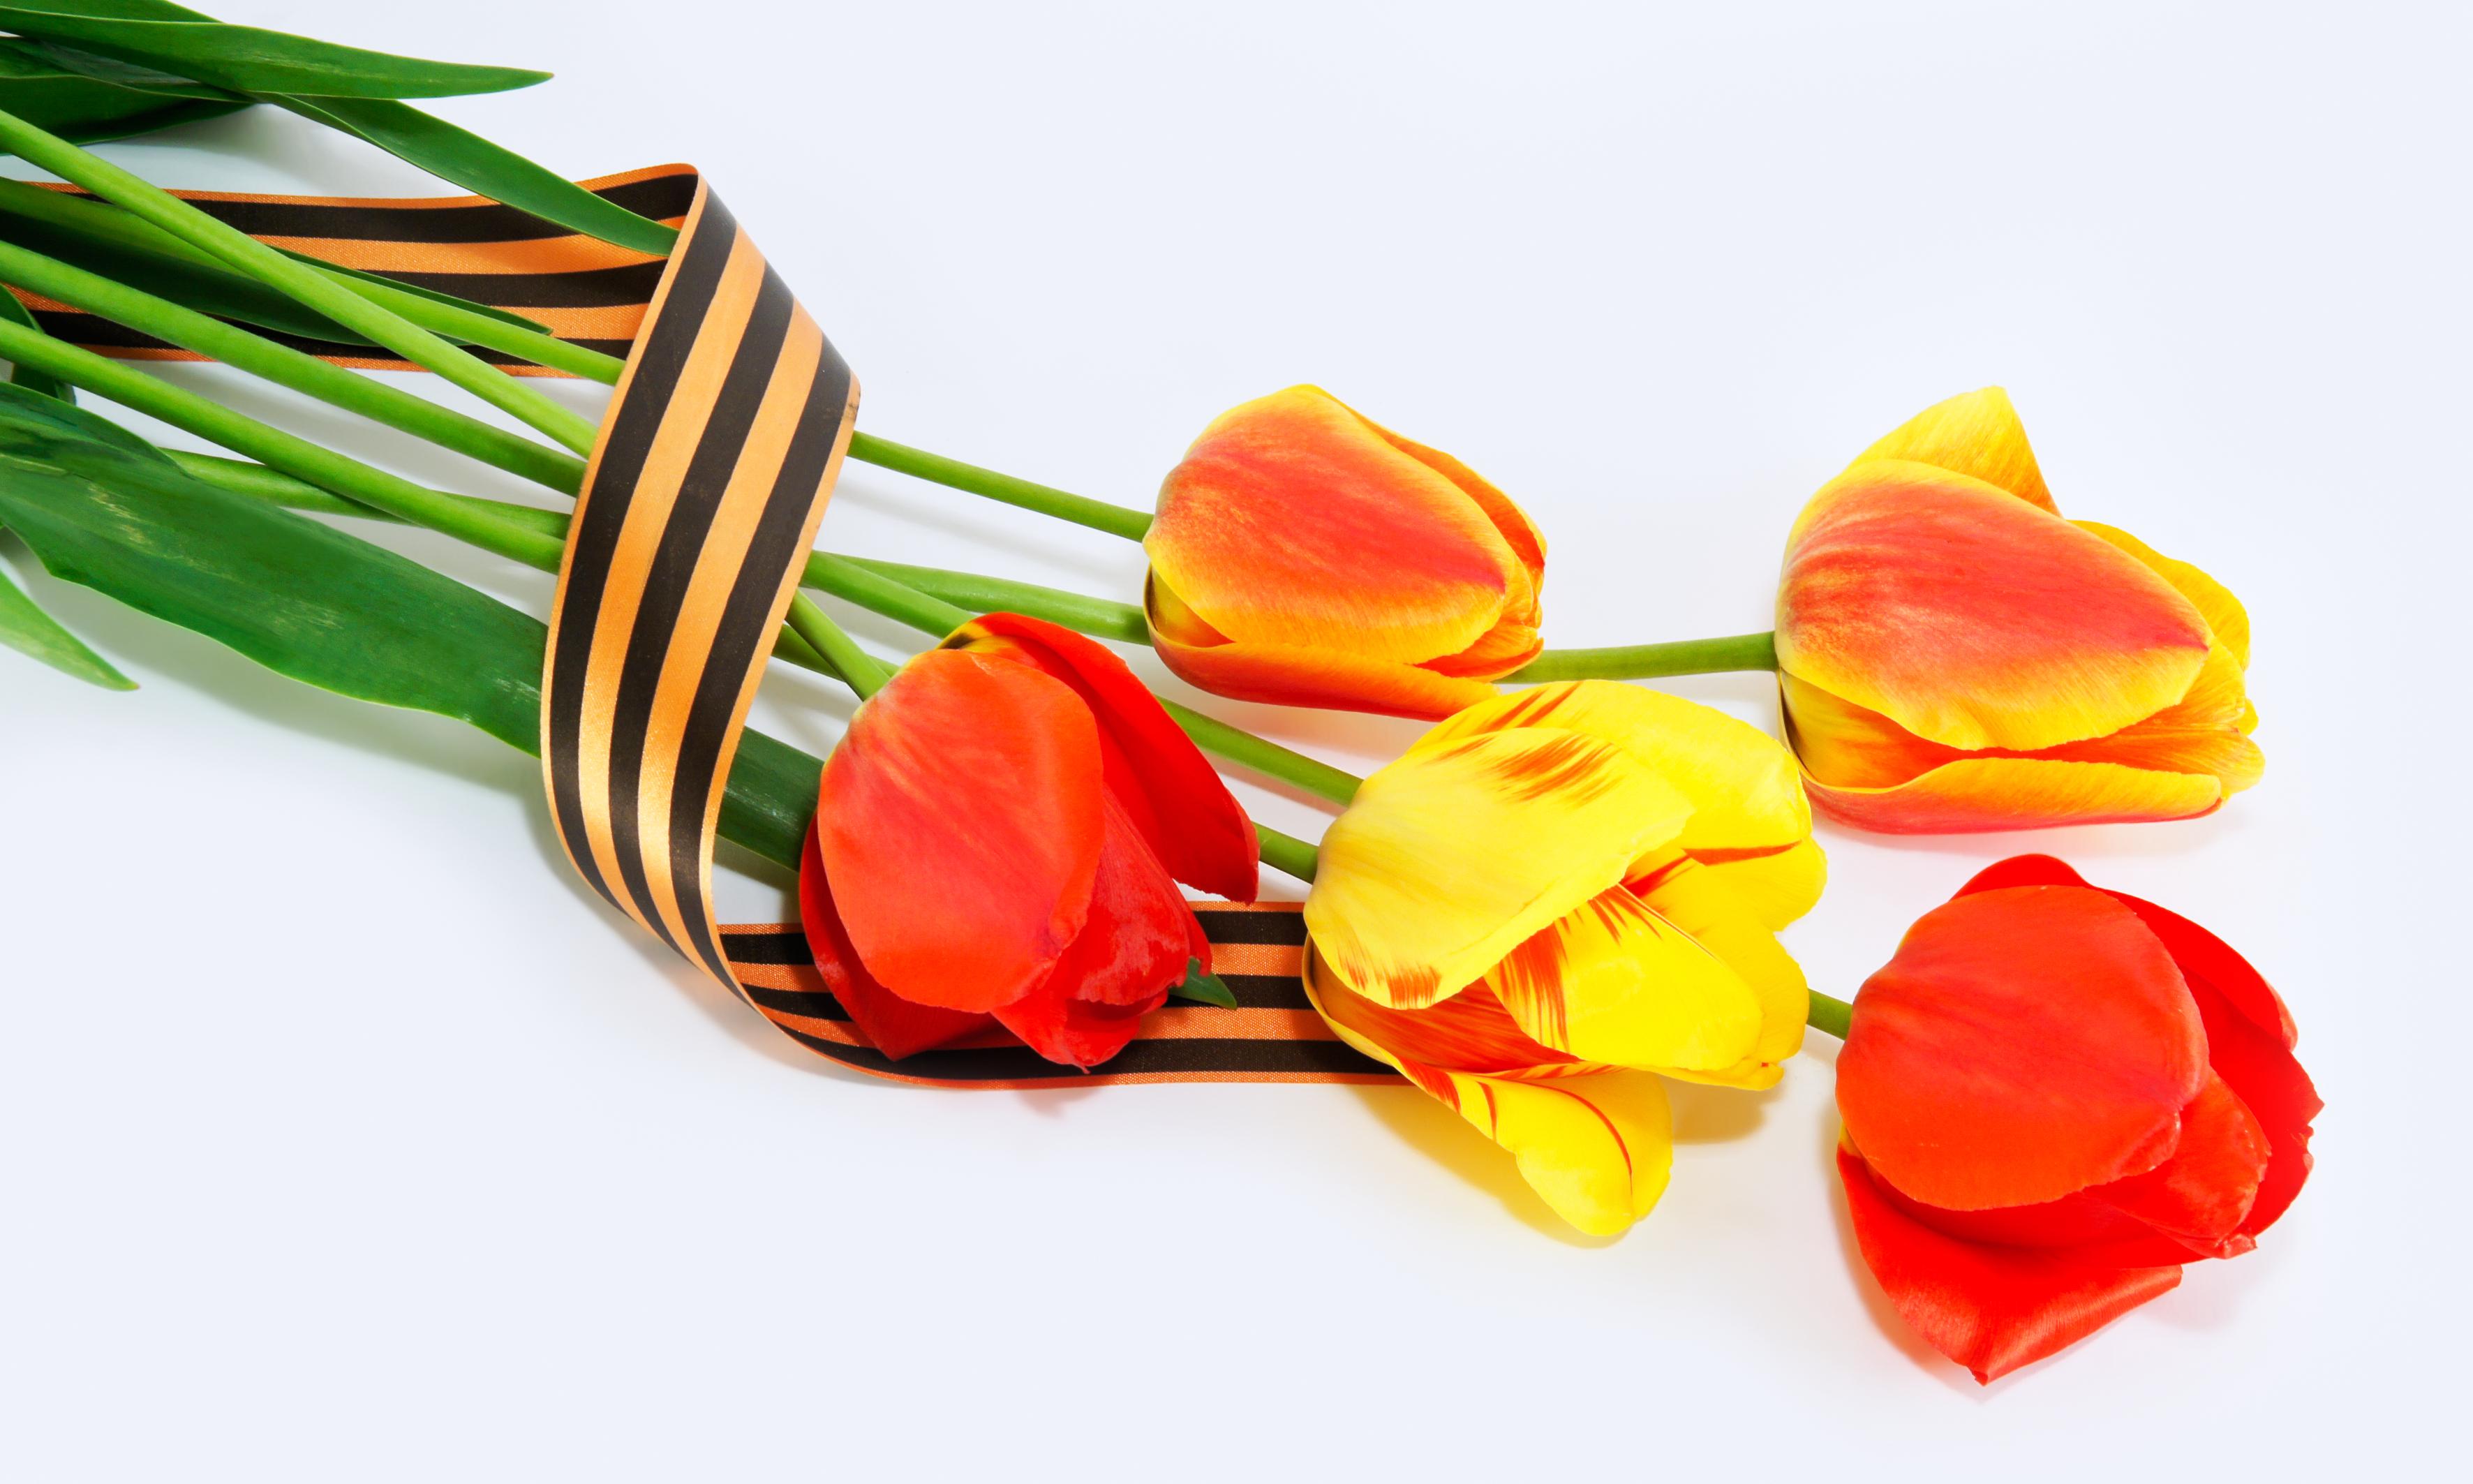 Рождение, открытка цветы с георгиевской лентой